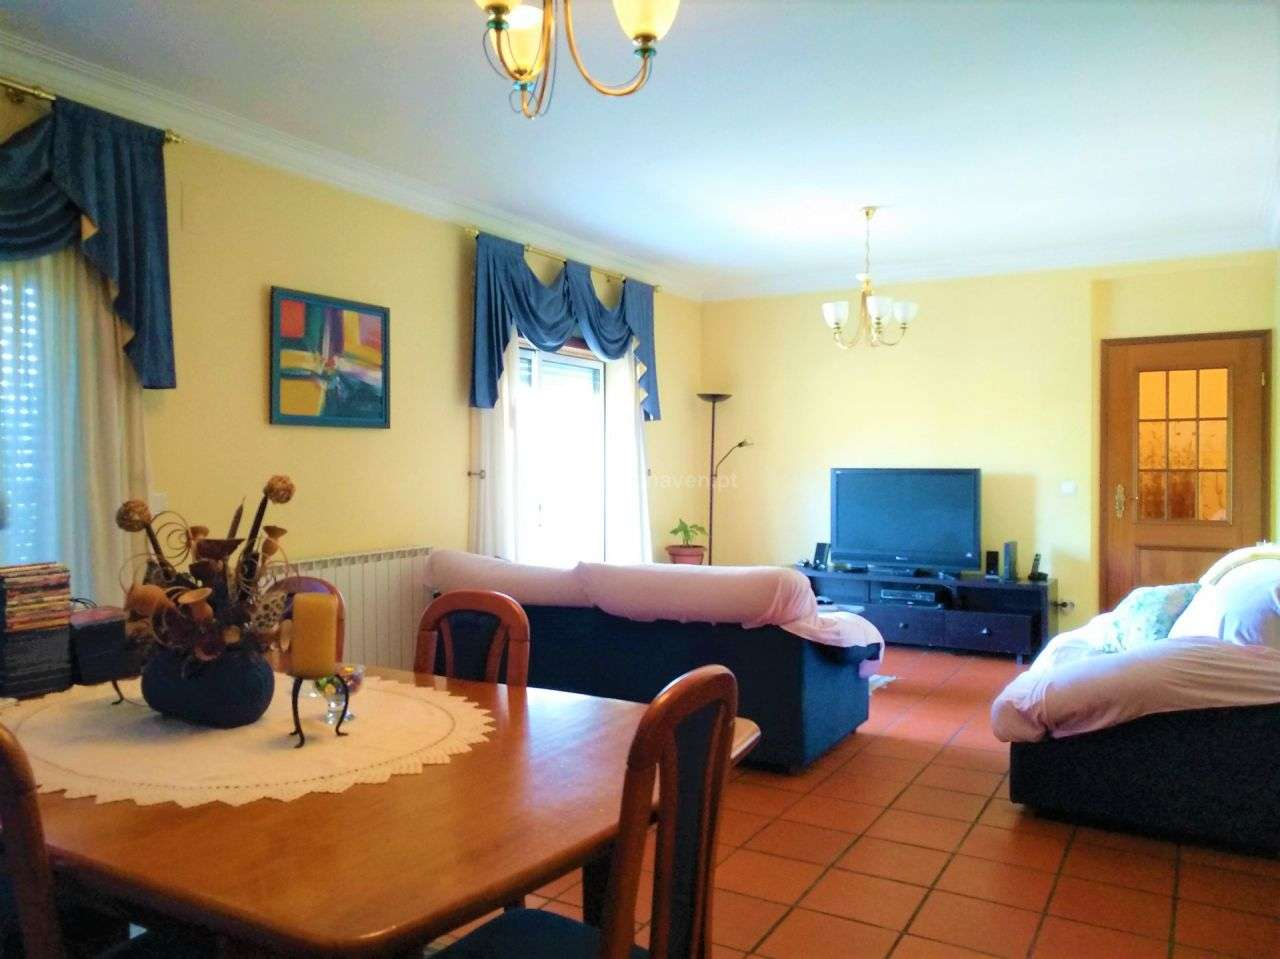 Apartamento para comprar, Abrunhosa-a-Velha, Viseu - Foto 1